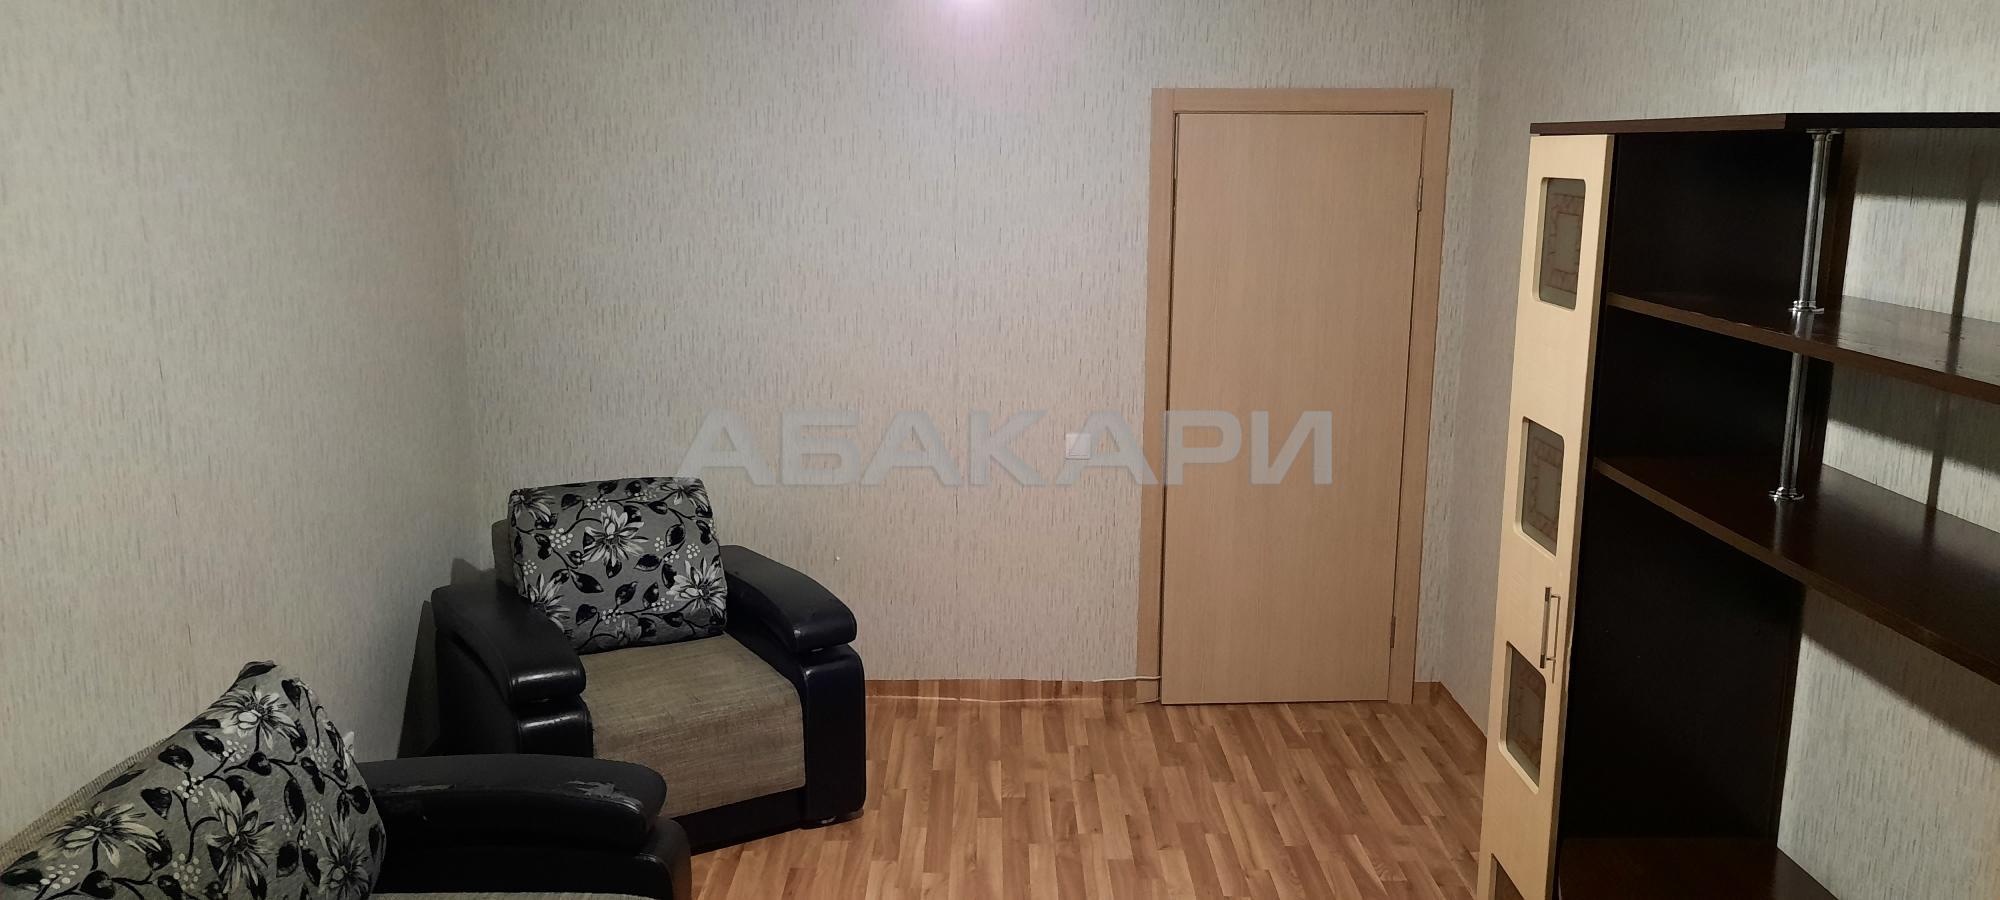 1к квартира улица Норильская, 16Ж 9/12 - 40кв   15000   аренда в Красноярске фото 2